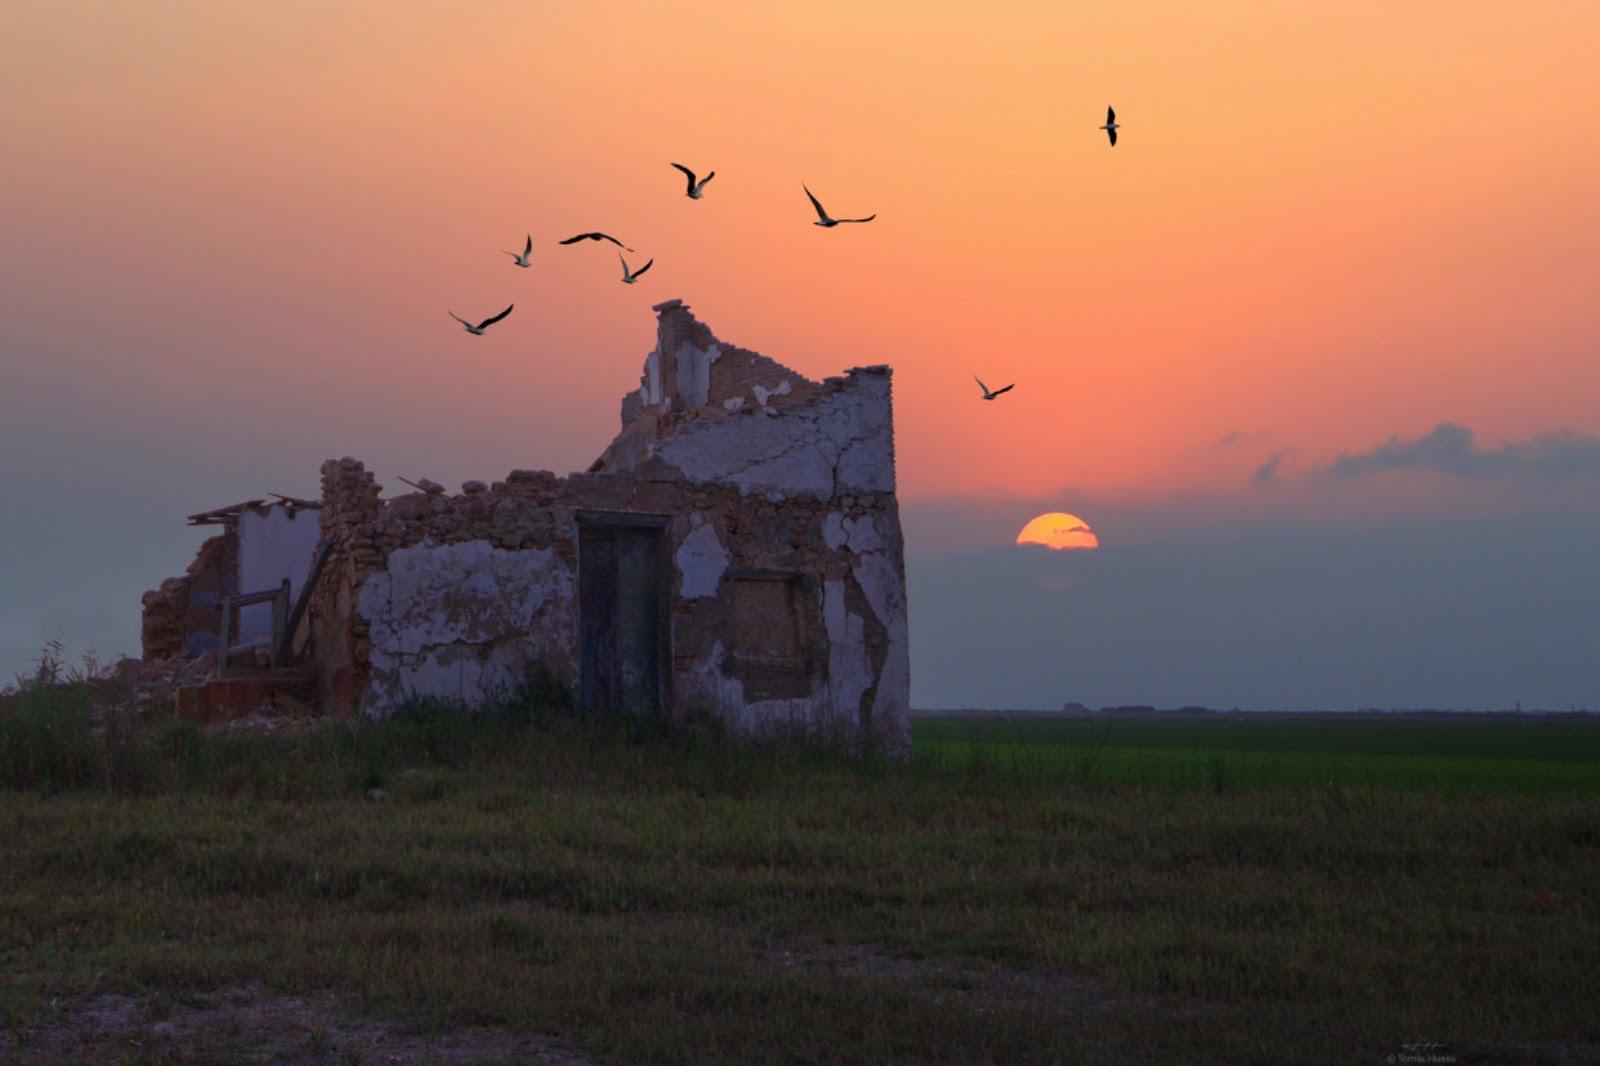 Valencia puesta de sol , Valencia atardecer